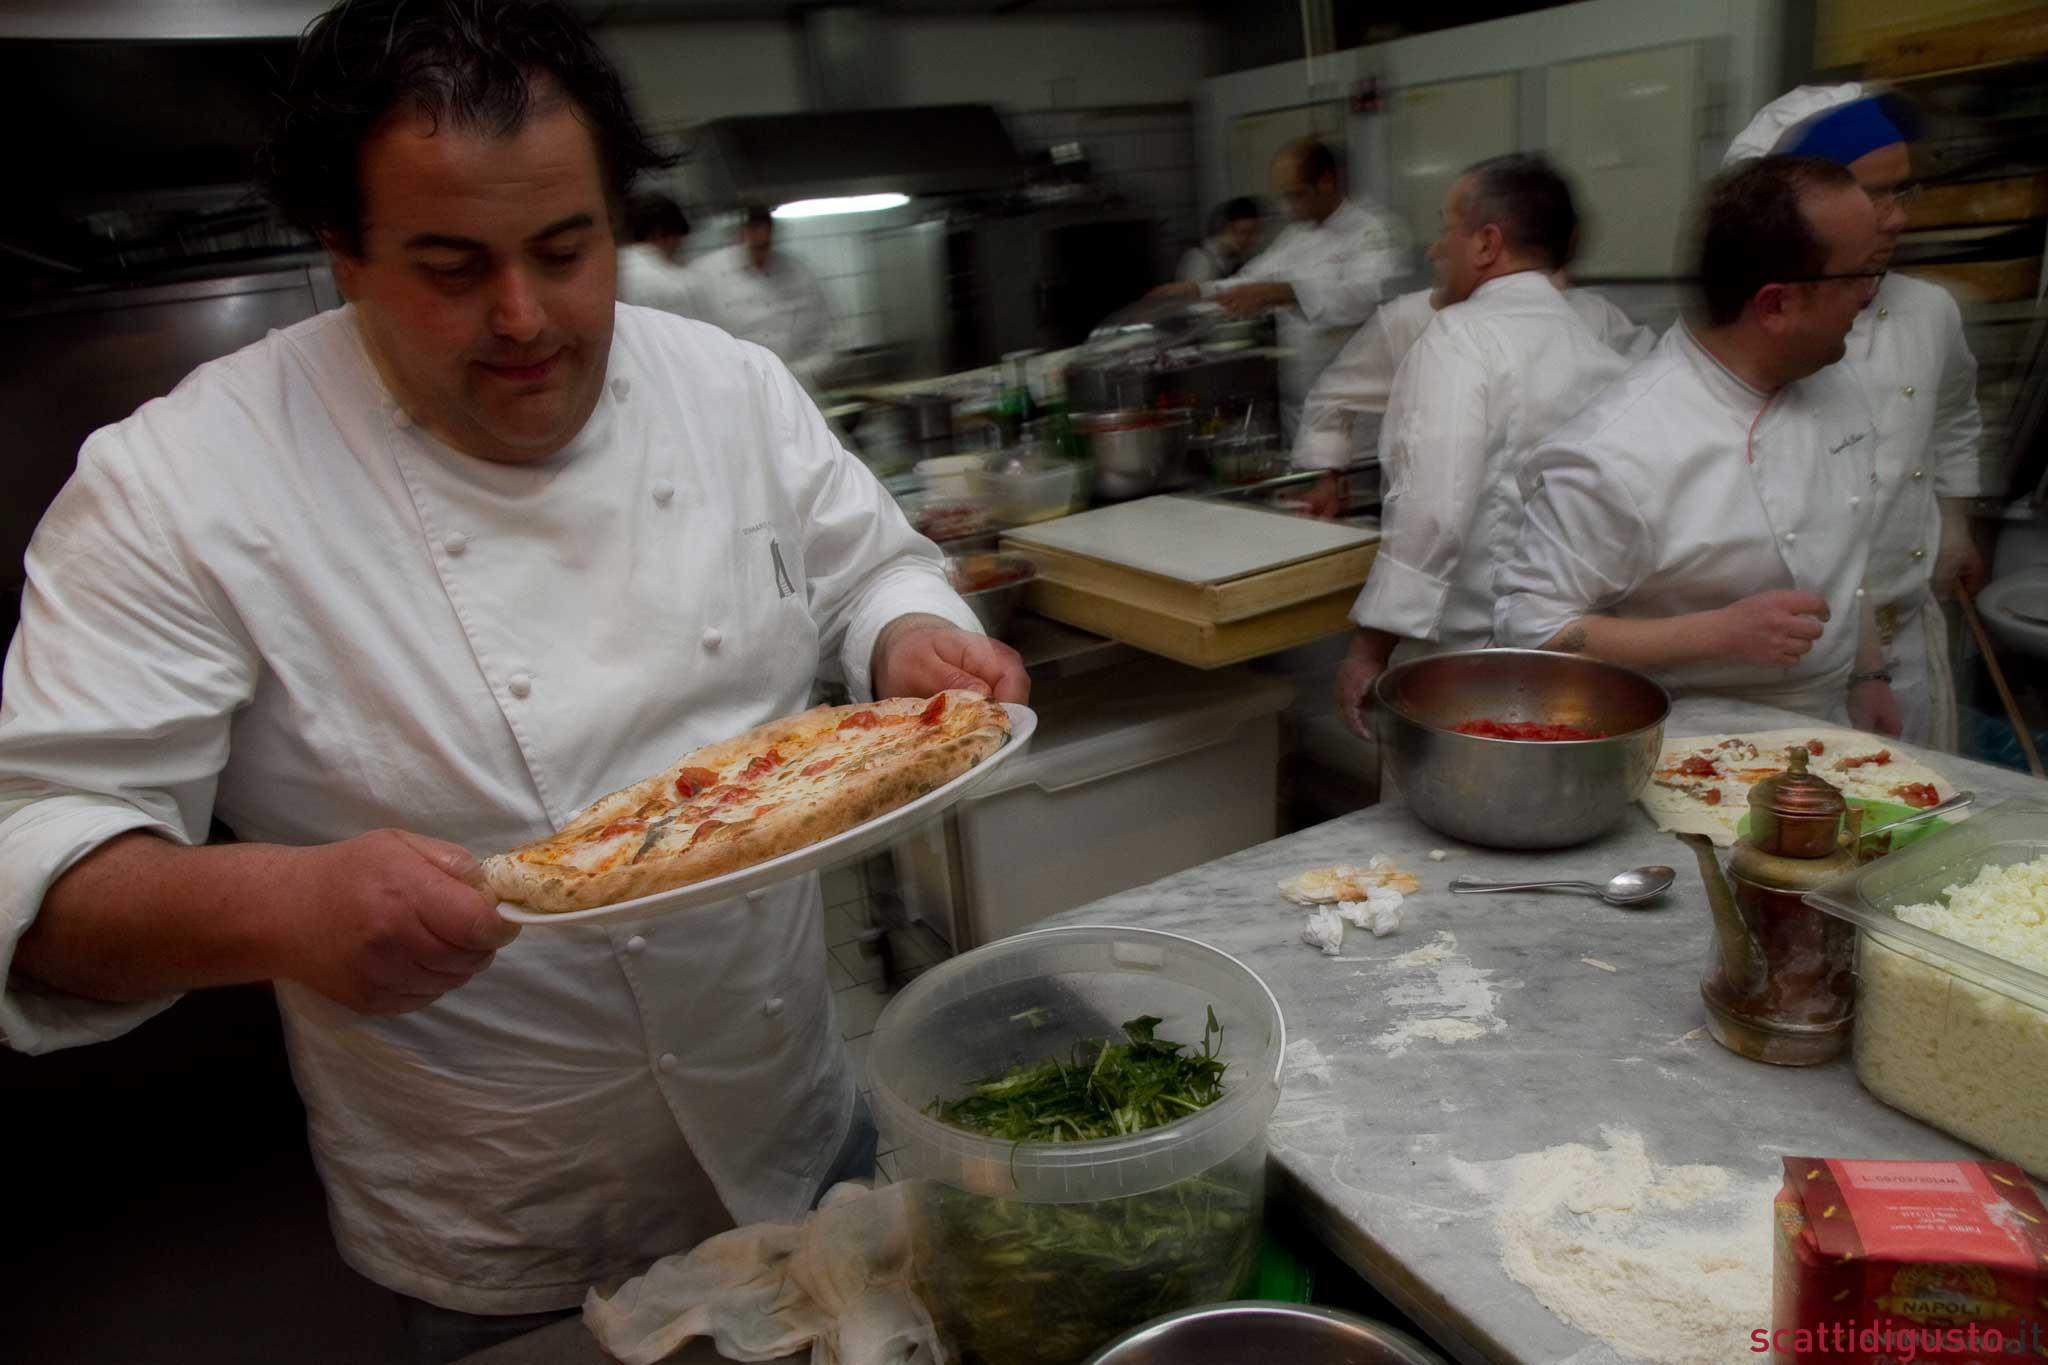 pizza per l'estate 'o saracino 11 gennaro esposito